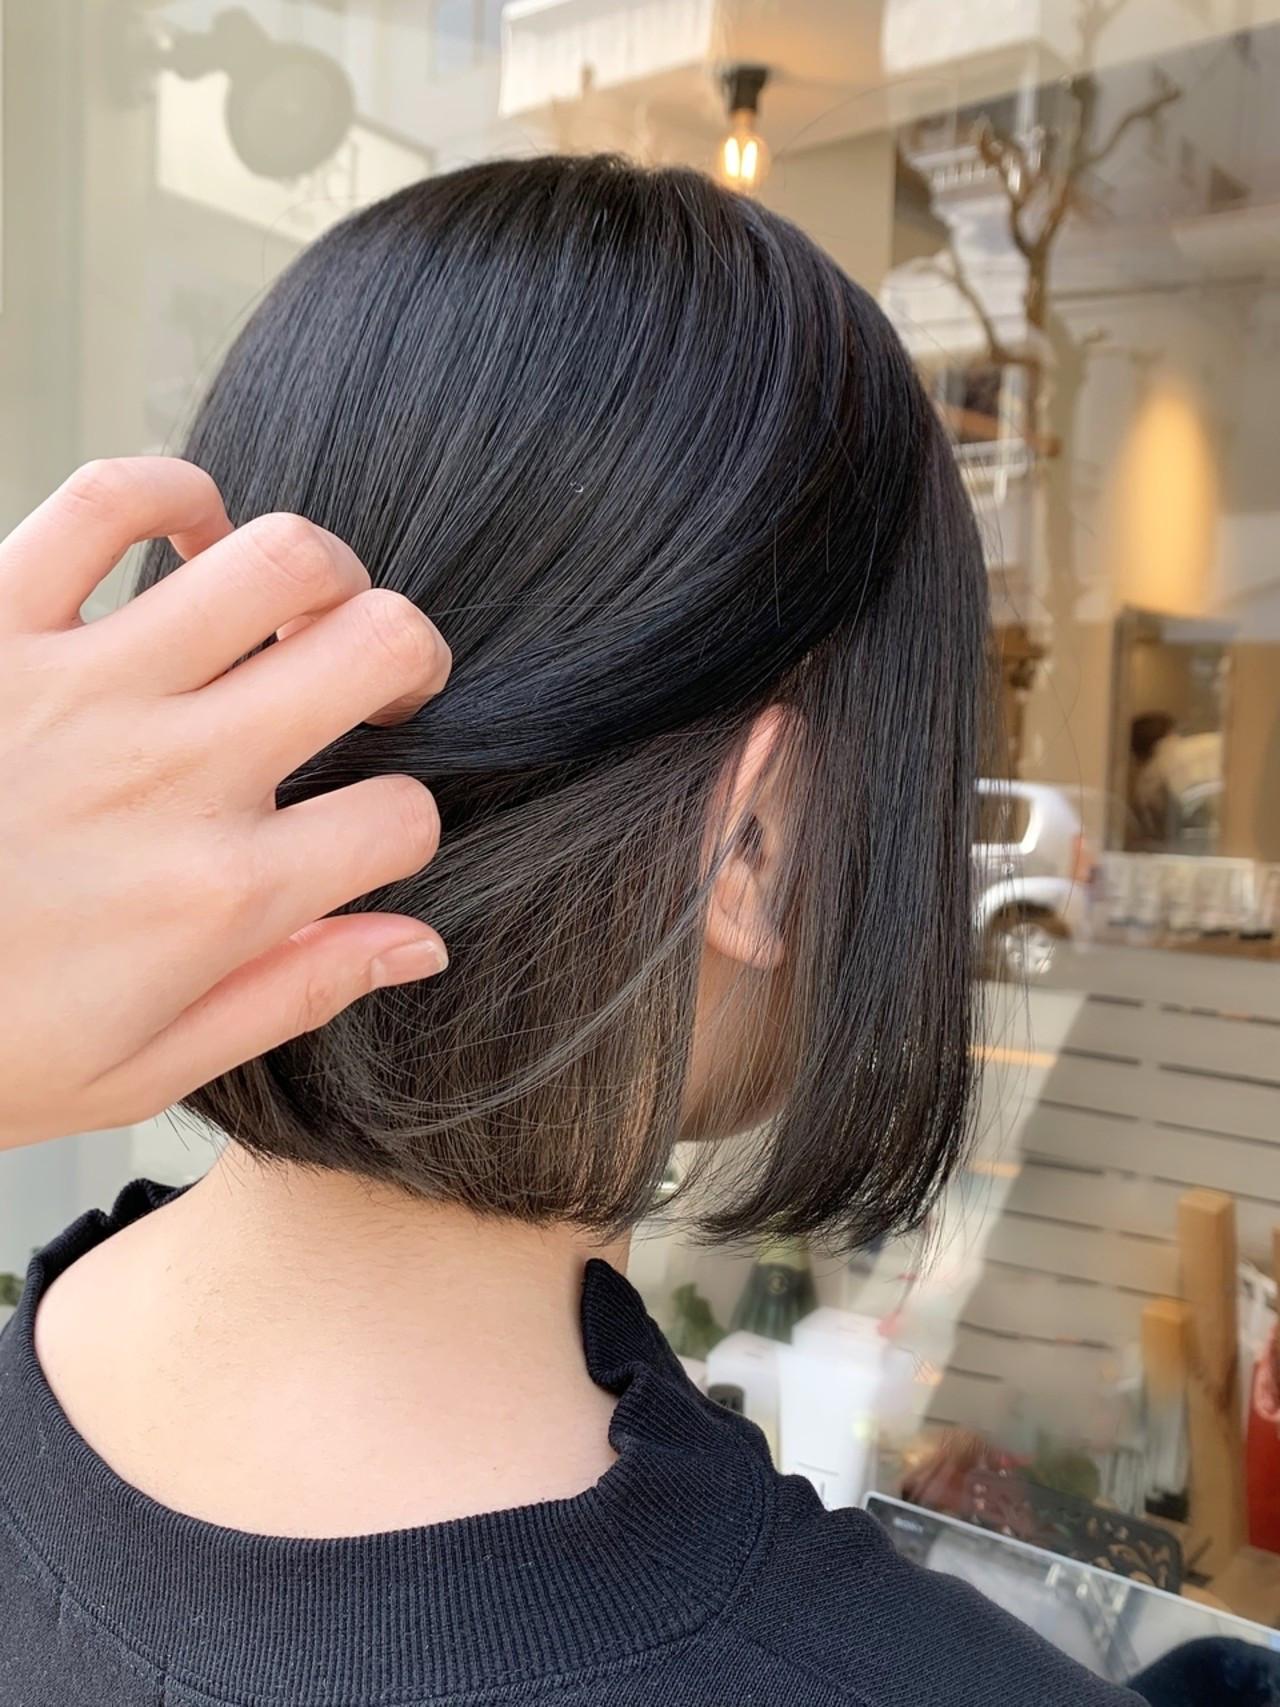 インナーカラー イルミナカラー ショートボブ 切りっぱなしボブ ヘアスタイルや髪型の写真・画像